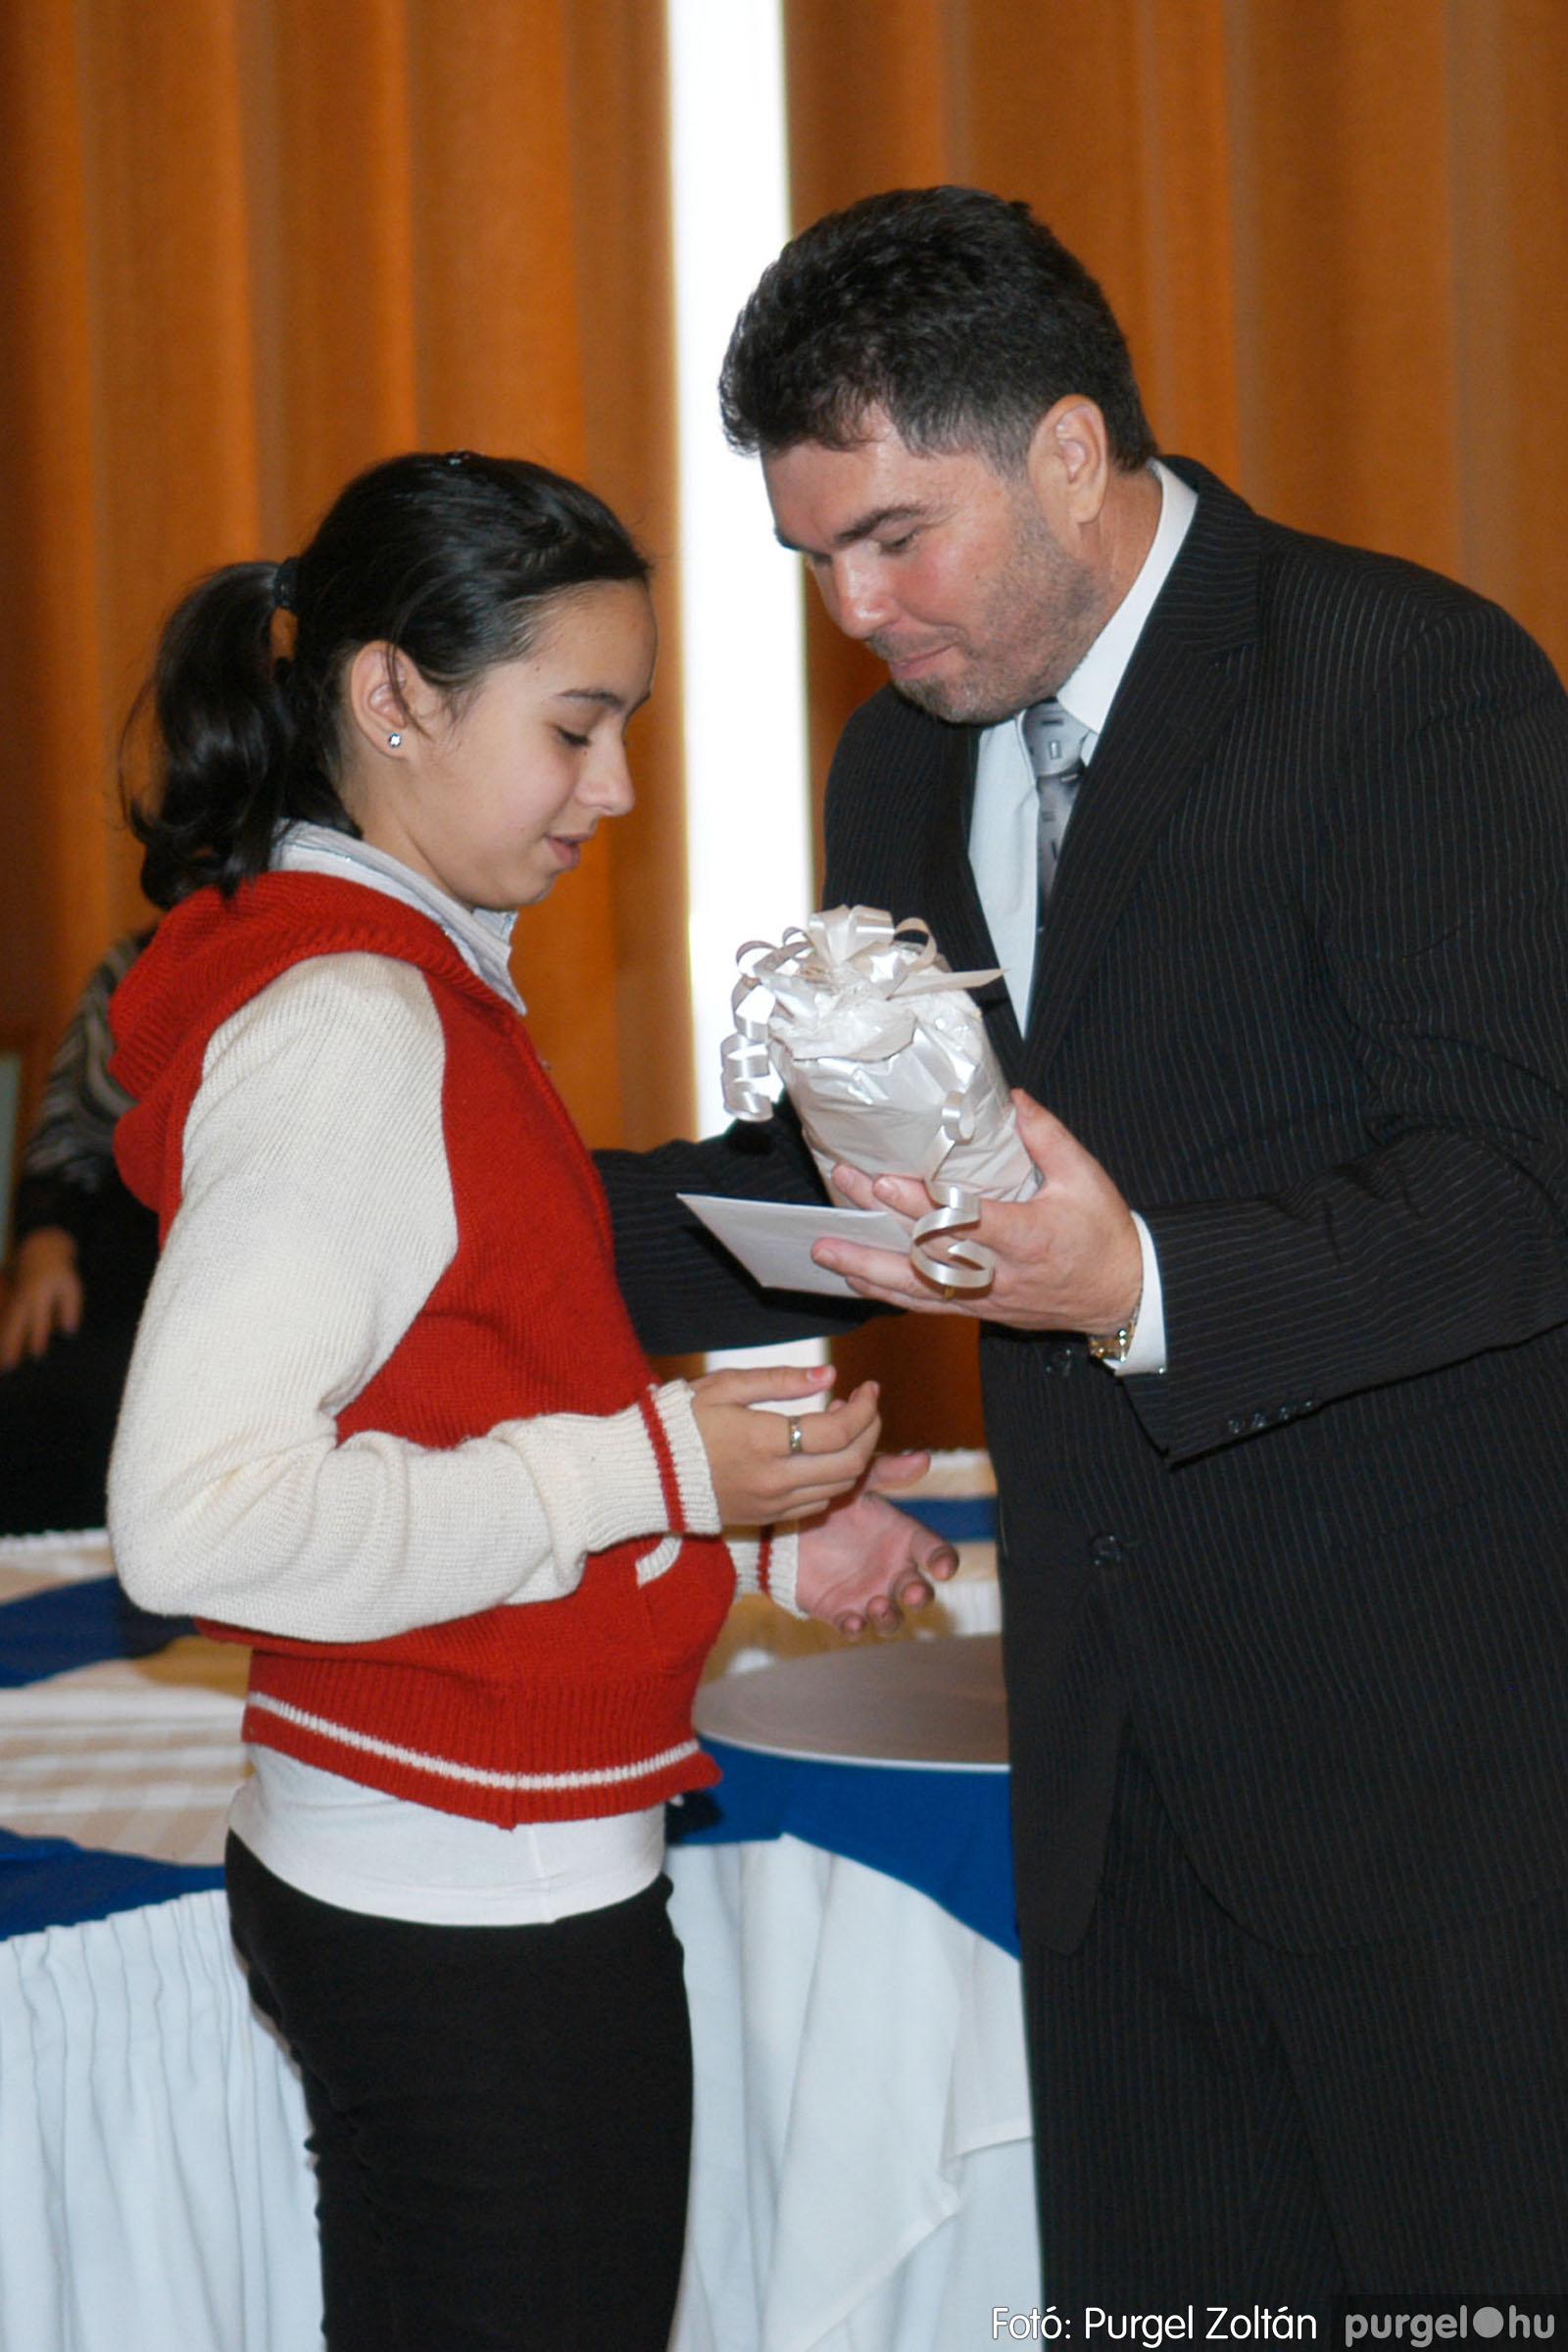 2010.10.28. 100 Szegvár és Vidéke Takarékszövetkezet takarékossági világnap rendezvény - Fotó:P. Z..jpg